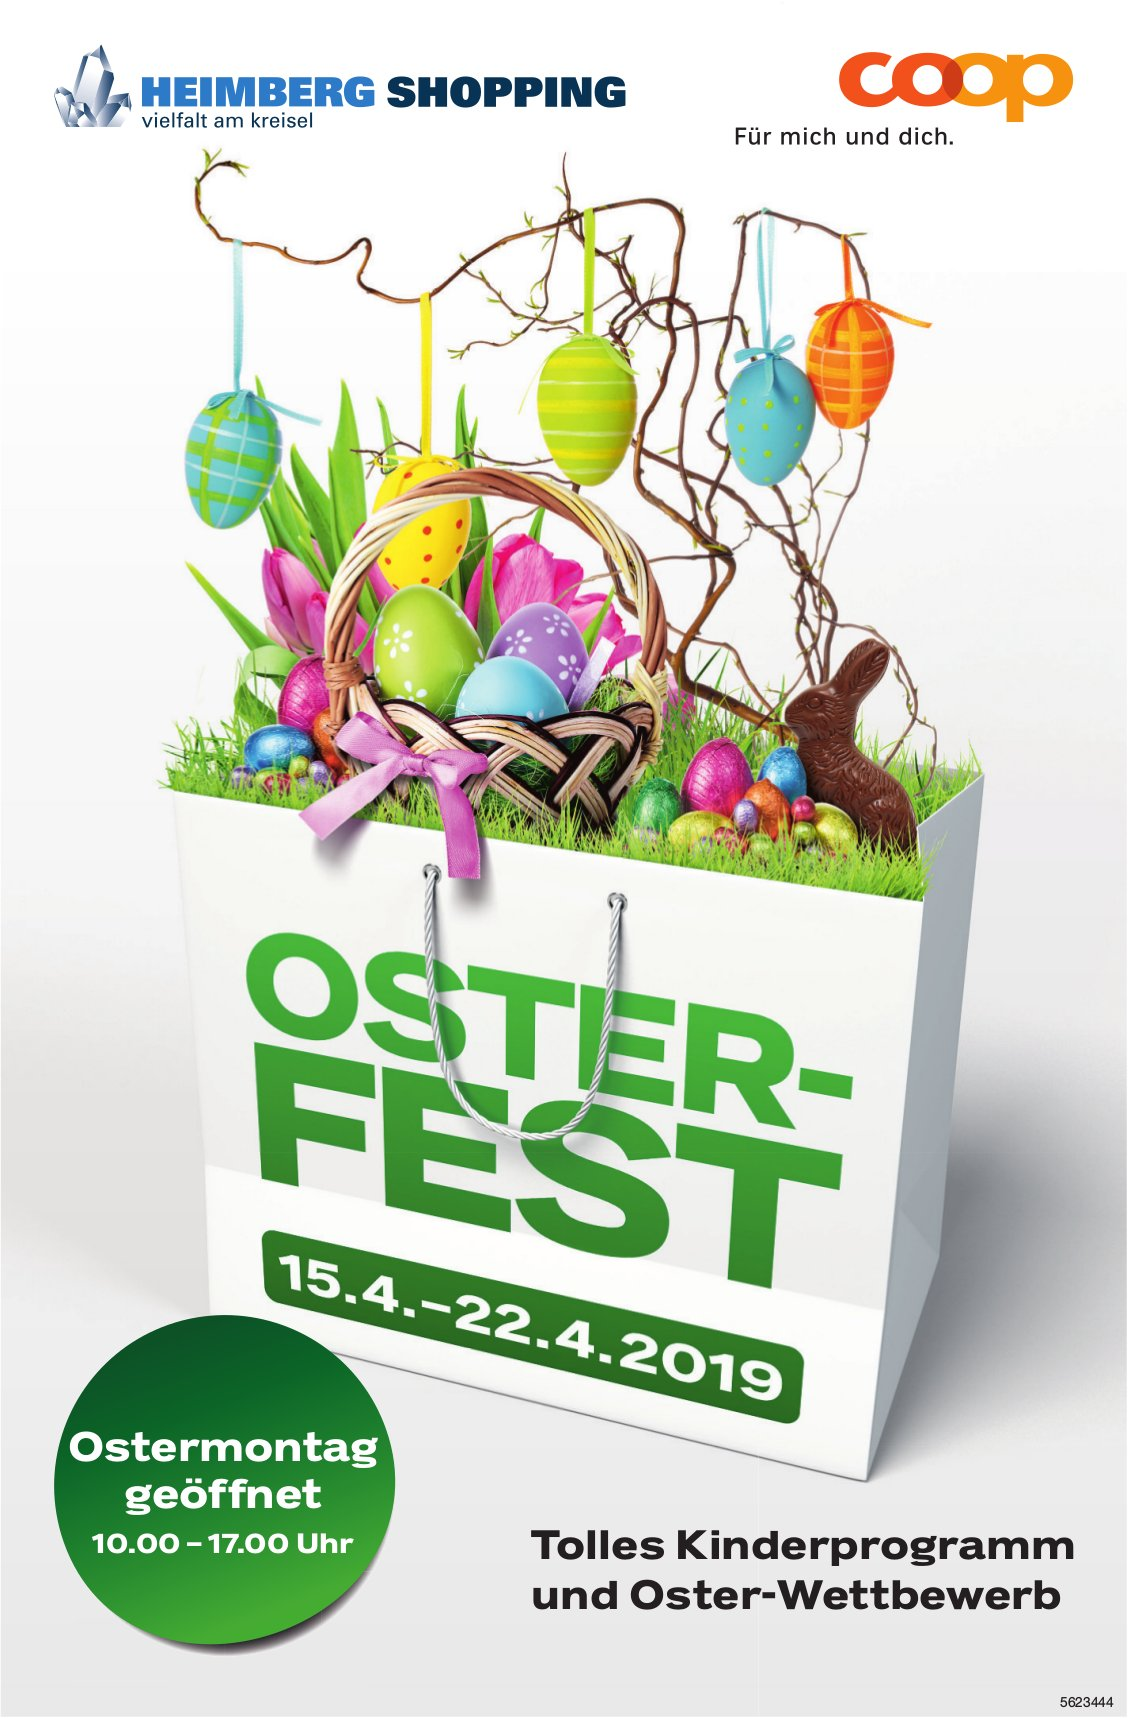 COOP Heimberg Shopping - OSTERFEST, 15. - 22. April